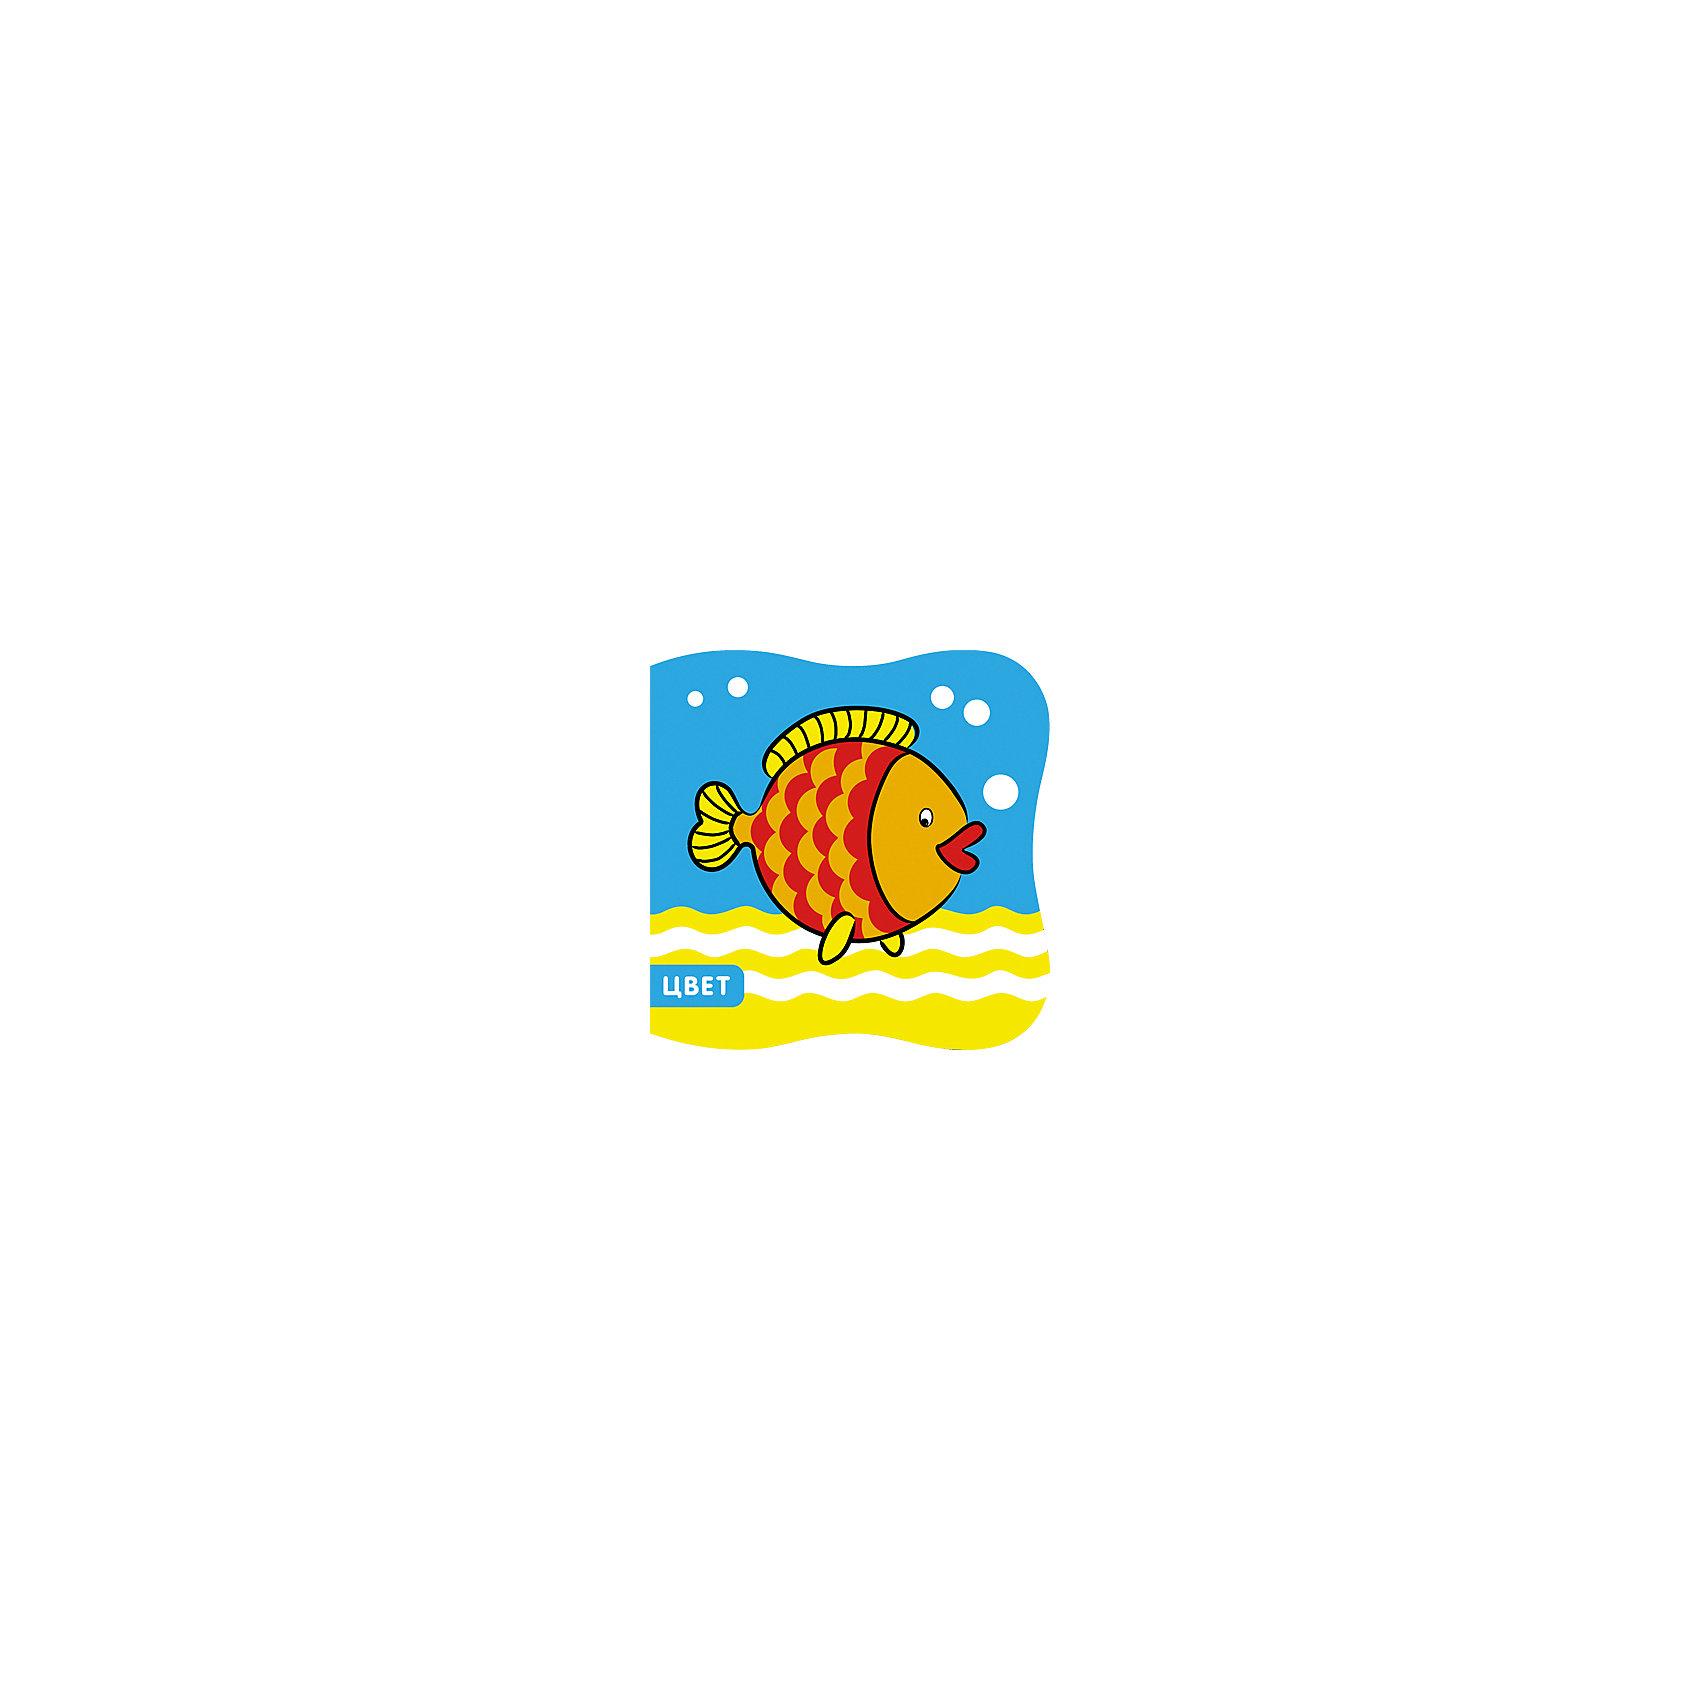 Книжка Рыбка, серия  Купашки, Мозаика-СинтезИгрушки ПВХ<br>Книжка Рыбка, серия  Купашки, Мозаика-Синтез.<br><br>Характеристики:<br><br>• Издательство: МОЗАИКА-СИНТЕЗ<br>• ISBN: 9785431505942<br>• Тип: книга из мягкого моющегося материала.<br>• Серия: речь, грамота, чтение.<br>• Возраст: от 0 лет.<br>• Размер книги: 127х125х20 мм.<br>• Количество страниц: 6<br><br>С книжкой «Рыбка» серии «Купашки» так приятно играть в воде! С ней купание станет не только полезной, но и веселой процедурой. Книжка не боится воды, она очень мягкая и приятная на ощупь, а еще издает забавный писк. Крупные, яркие картинки познакомят вашего малыша с основными цветами.<br><br>Книжку Рыбка, серия  Купашки, Мозаика-Синтез, можно купить в нашем интернет – магазине.<br><br>Ширина мм: 20<br>Глубина мм: 127<br>Высота мм: 125<br>Вес г: 37<br>Возраст от месяцев: 0<br>Возраст до месяцев: 36<br>Пол: Унисекс<br>Возраст: Детский<br>SKU: 5428902